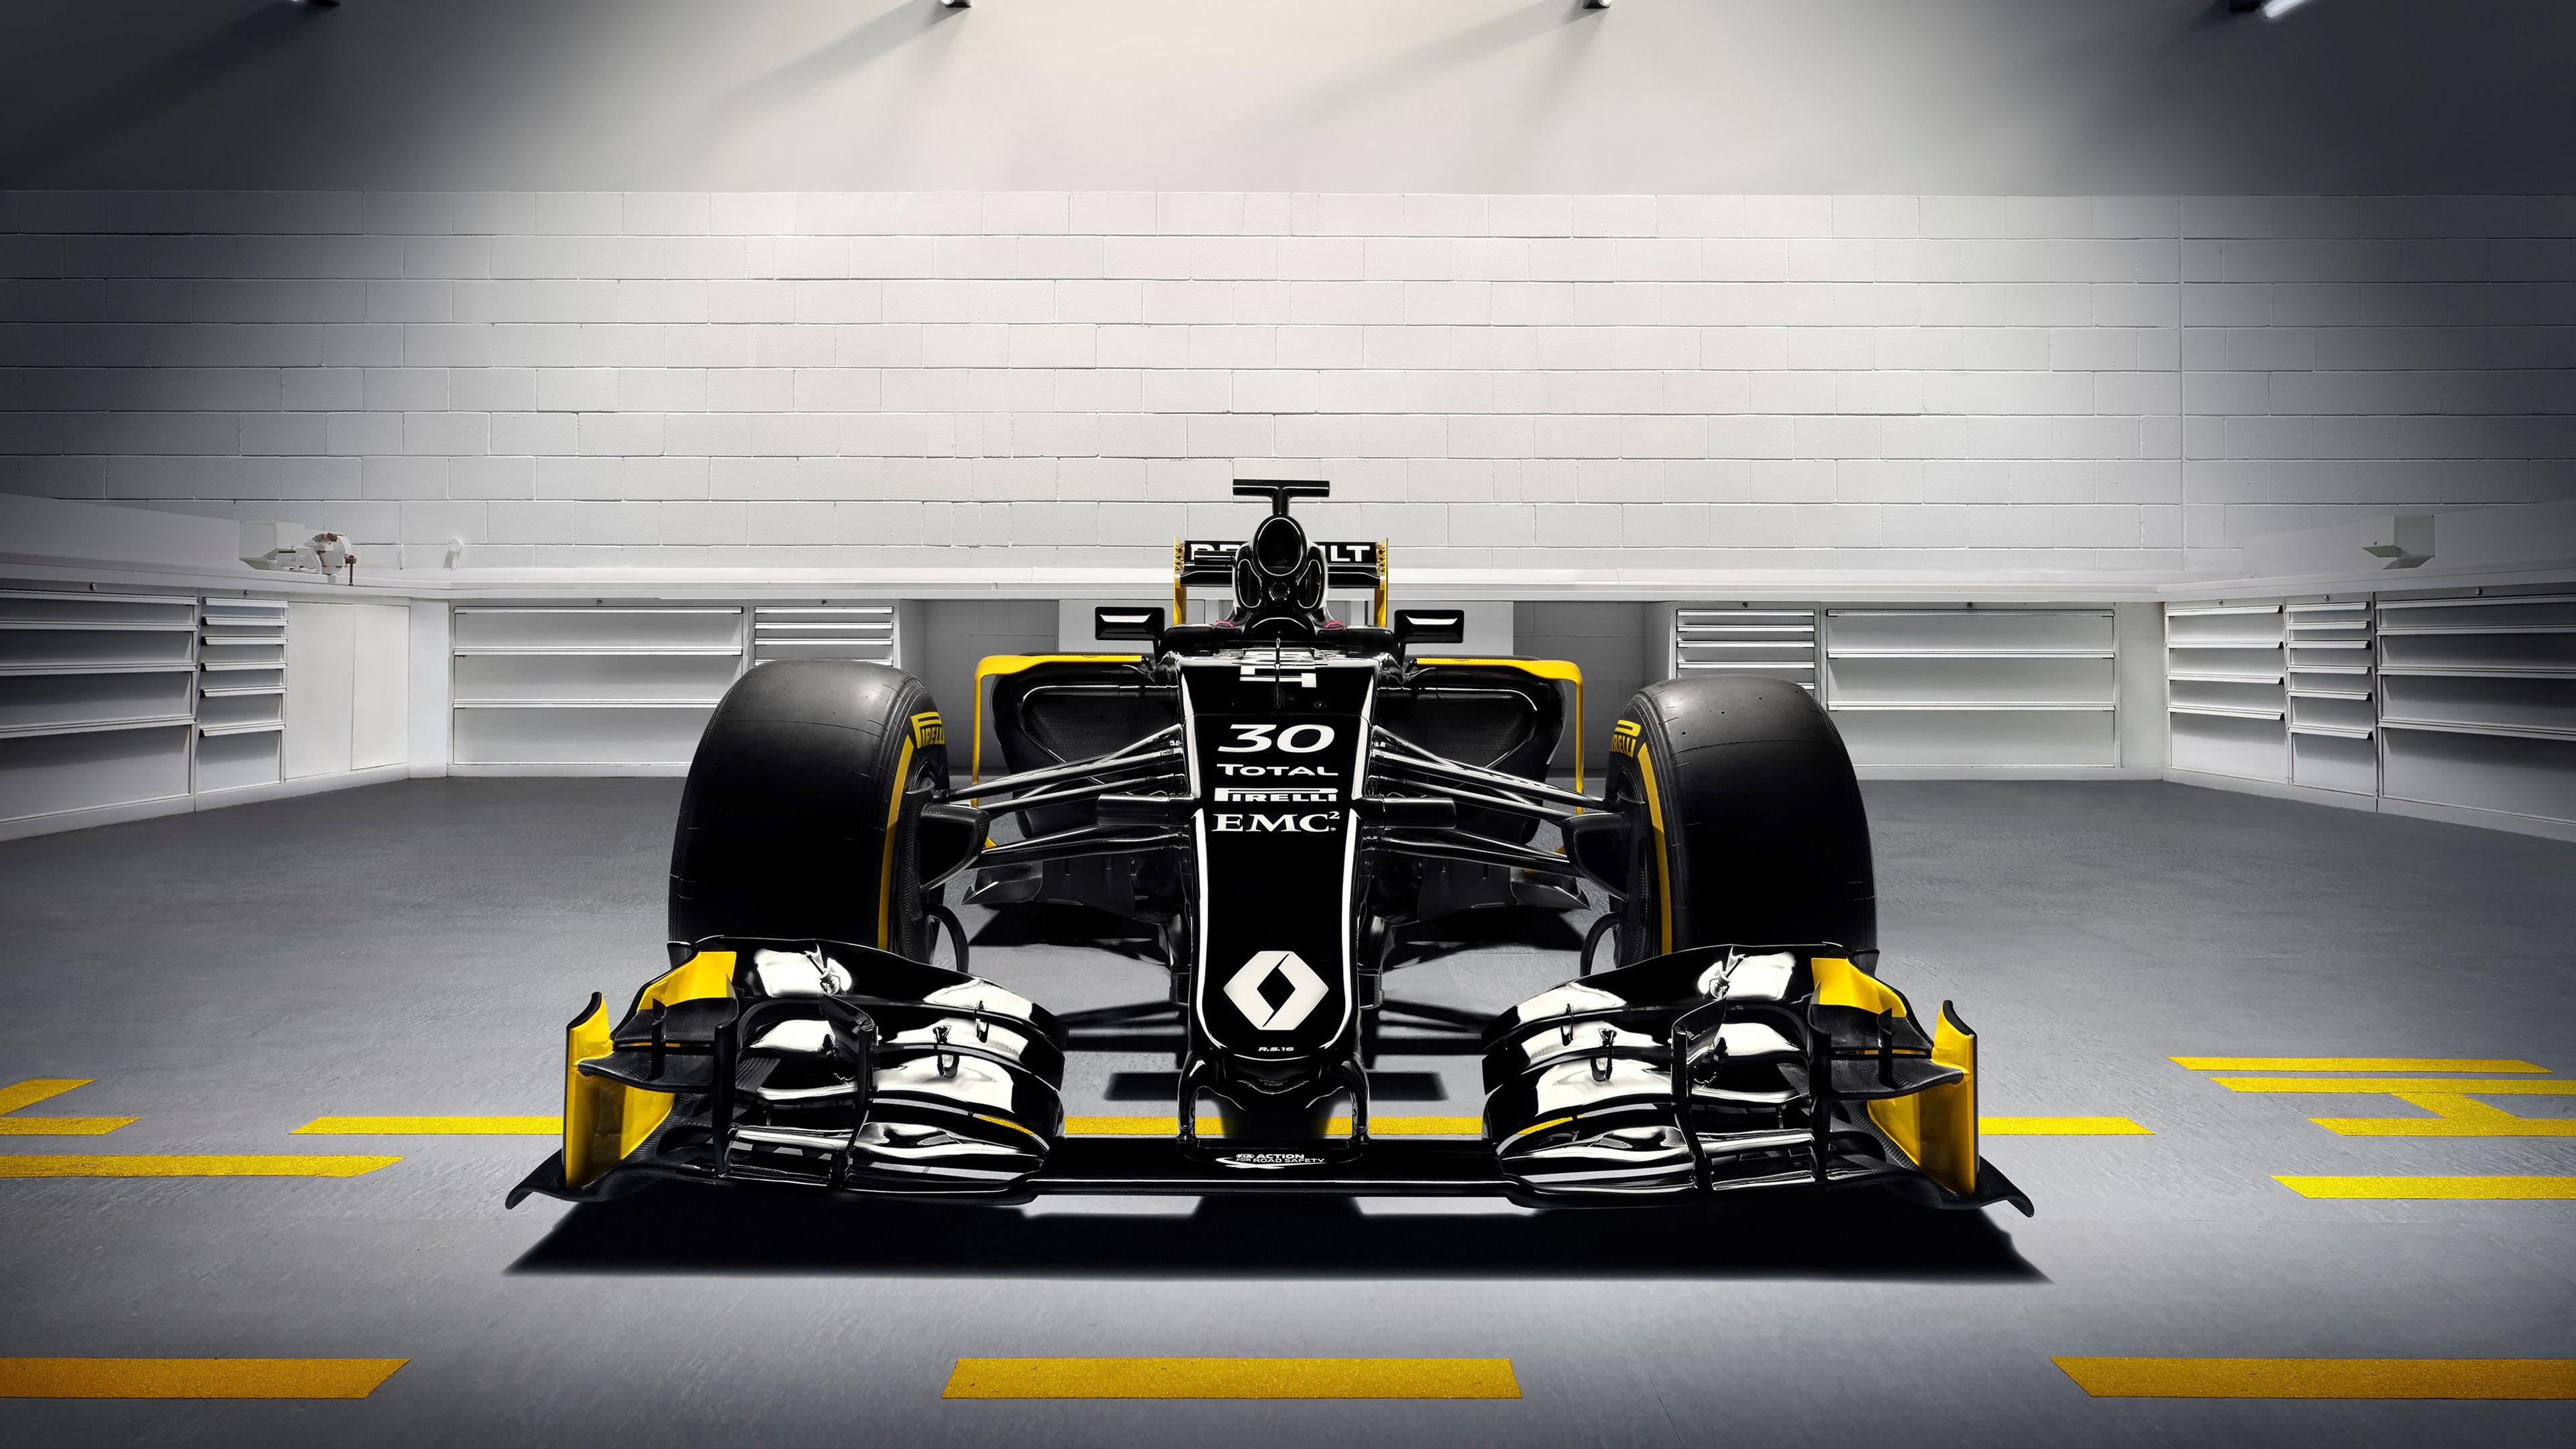 Renault RS16 2016 Formula 1 Car Wallpaper